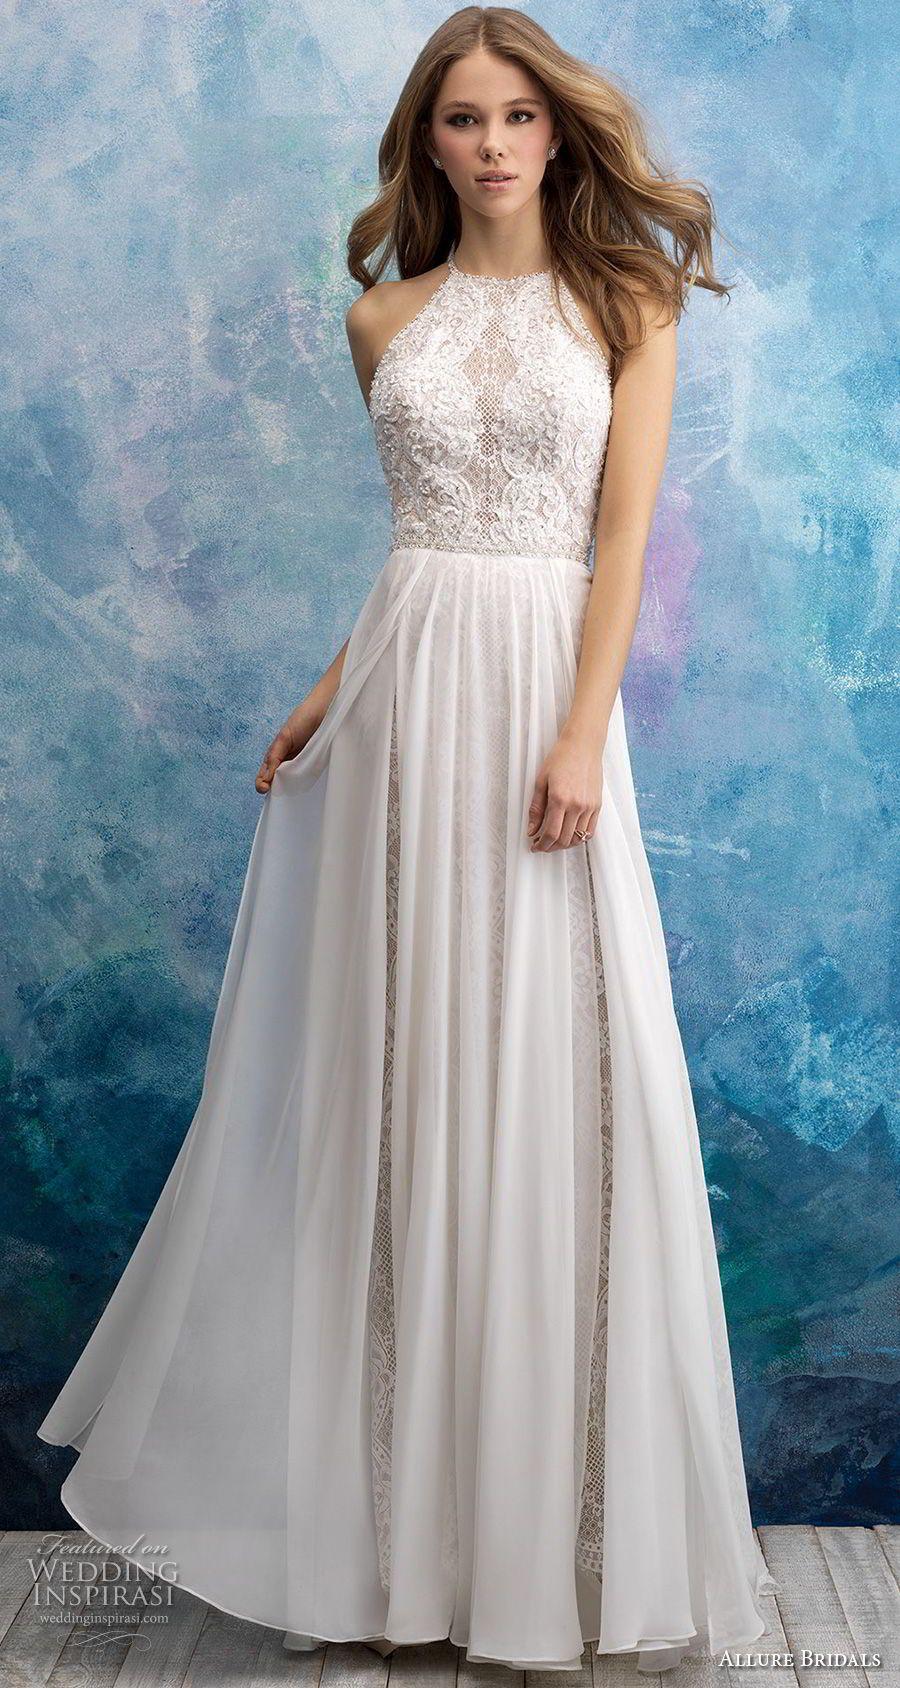 Allure Bridals Fall 2018 Wedding Dresses   Allure bridal, Chapel ...